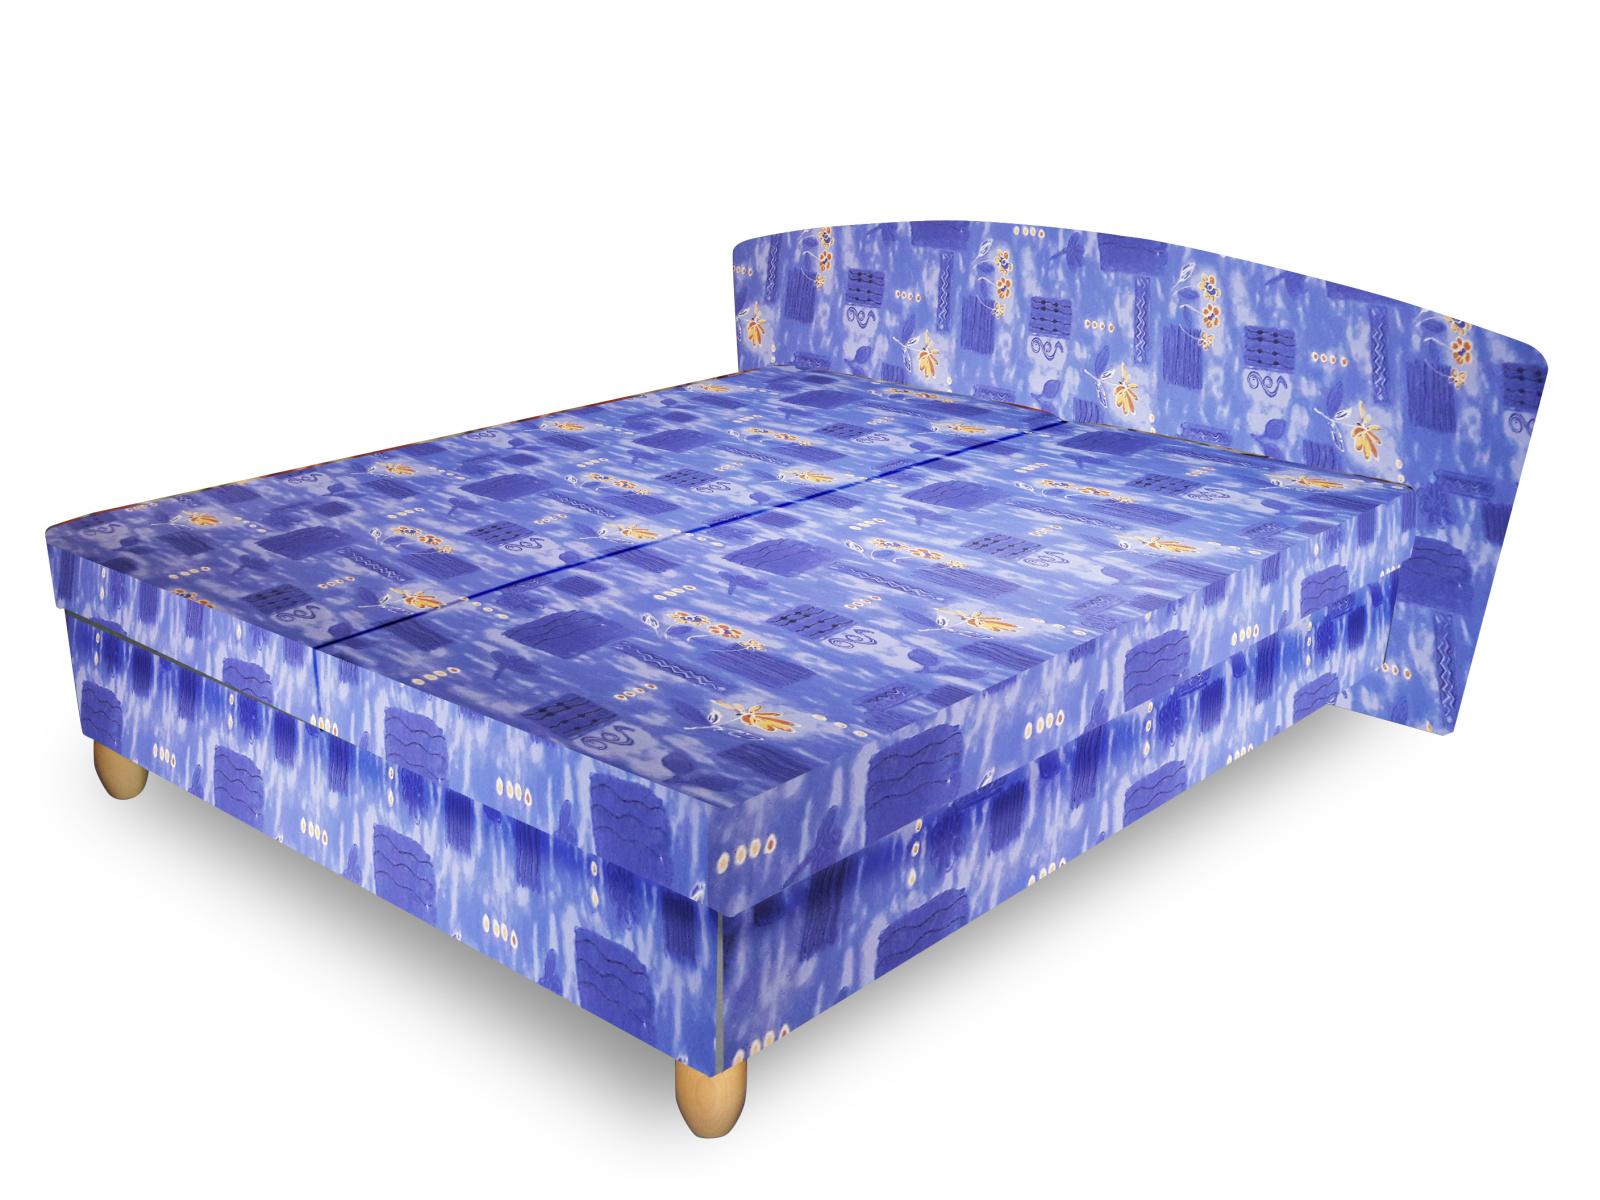 Smartshop Čalouněná postel NICOL 180x200 cm, modrá látka